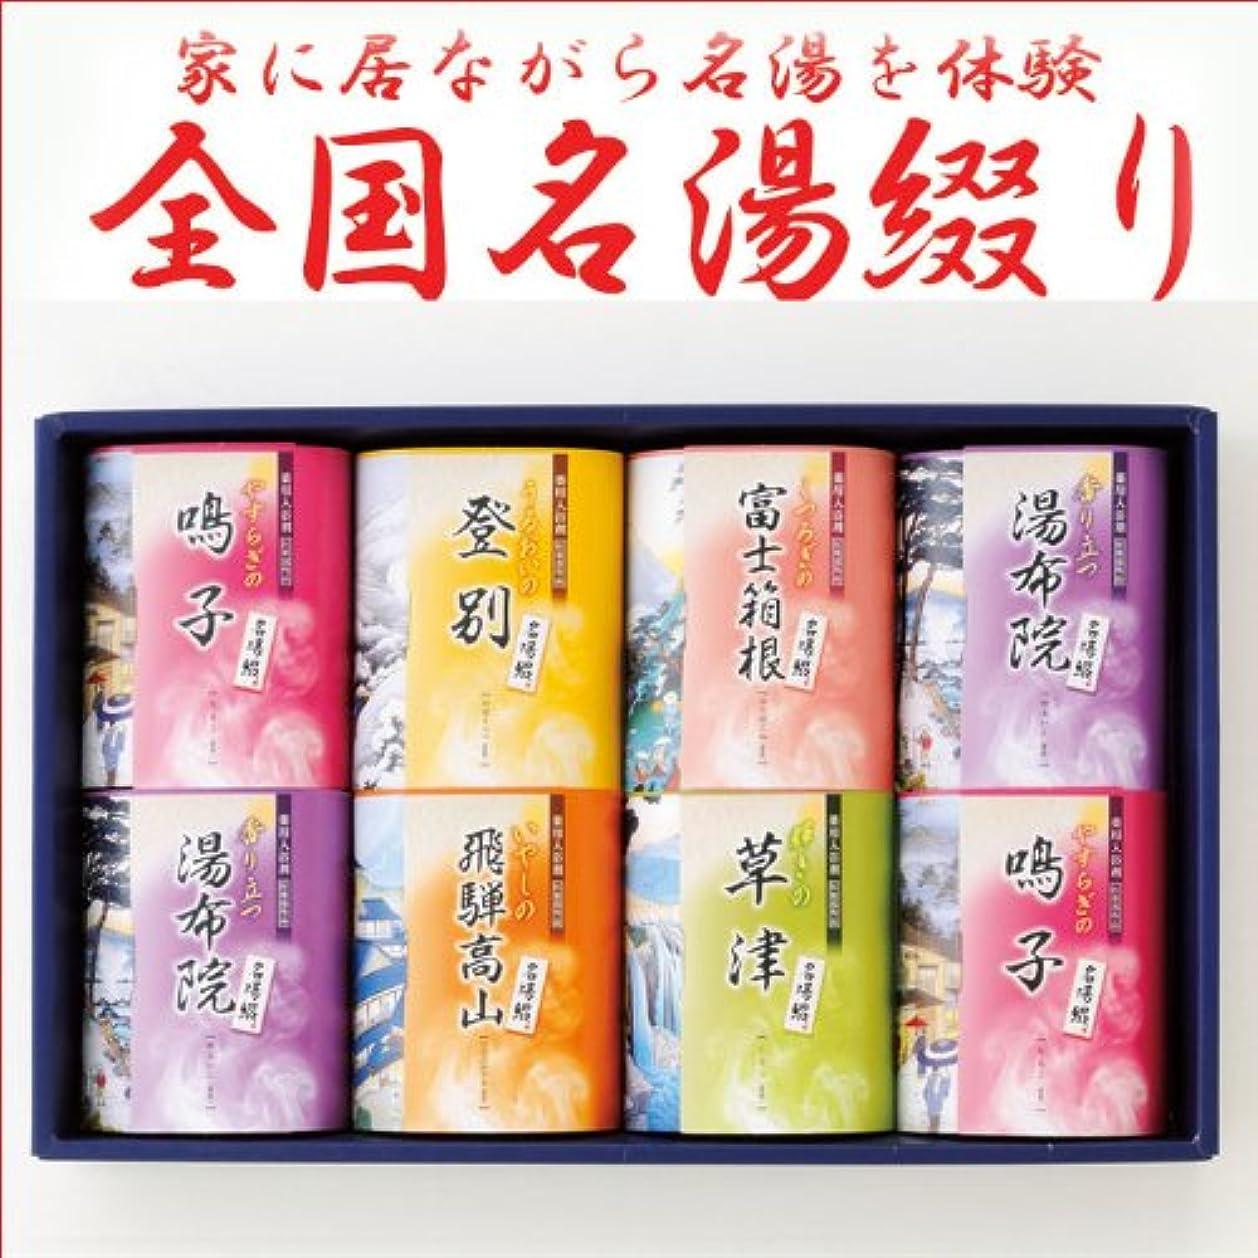 浪費ひねり時間とともに日本全国名湯の温泉巡り入浴剤ギフトセット